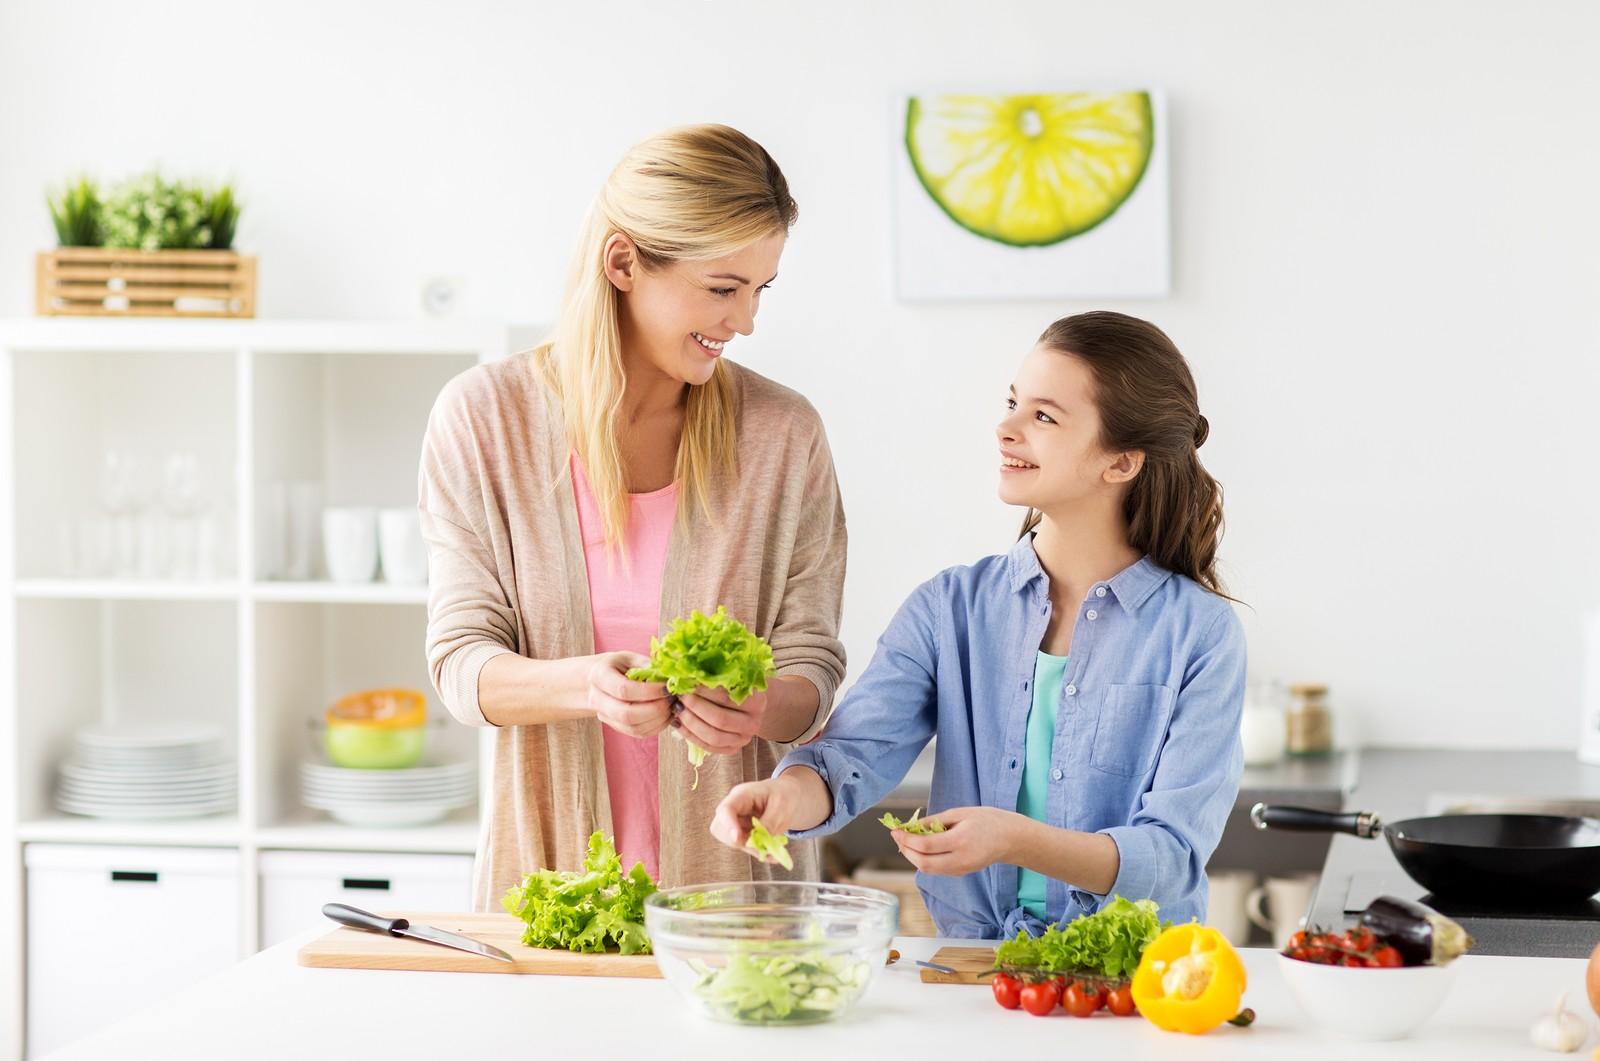 Vegetarijanstvo v družini - najpomembnejša sta strpnost in sodelovanje.